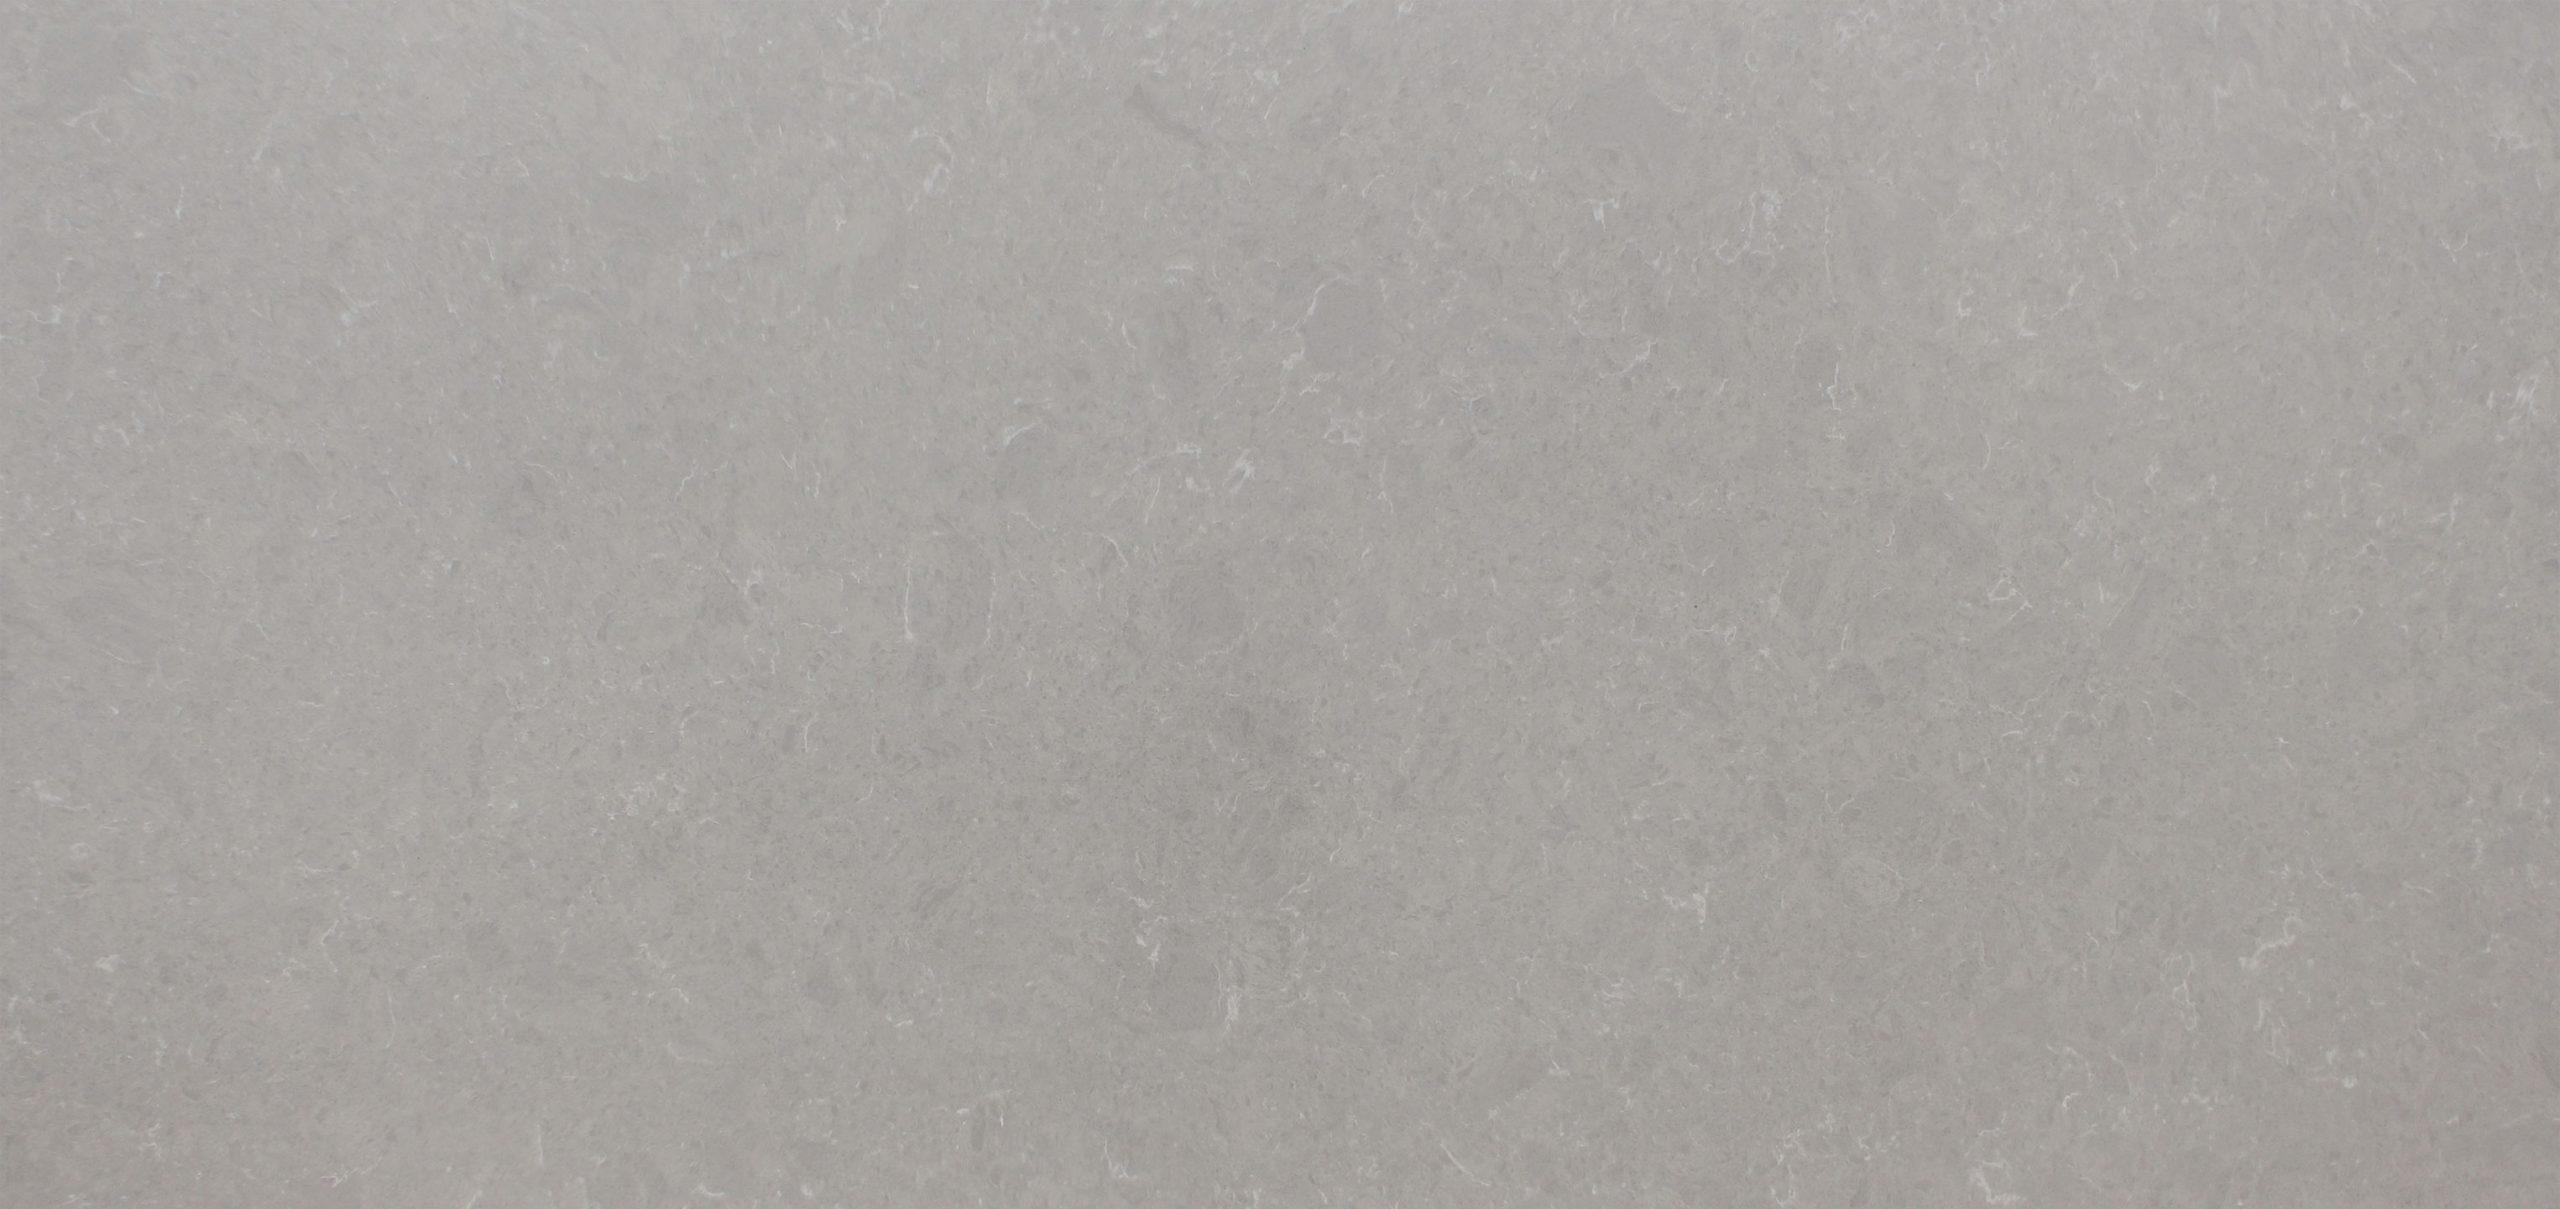 Vicostone Dolce Vita BQ8590 02